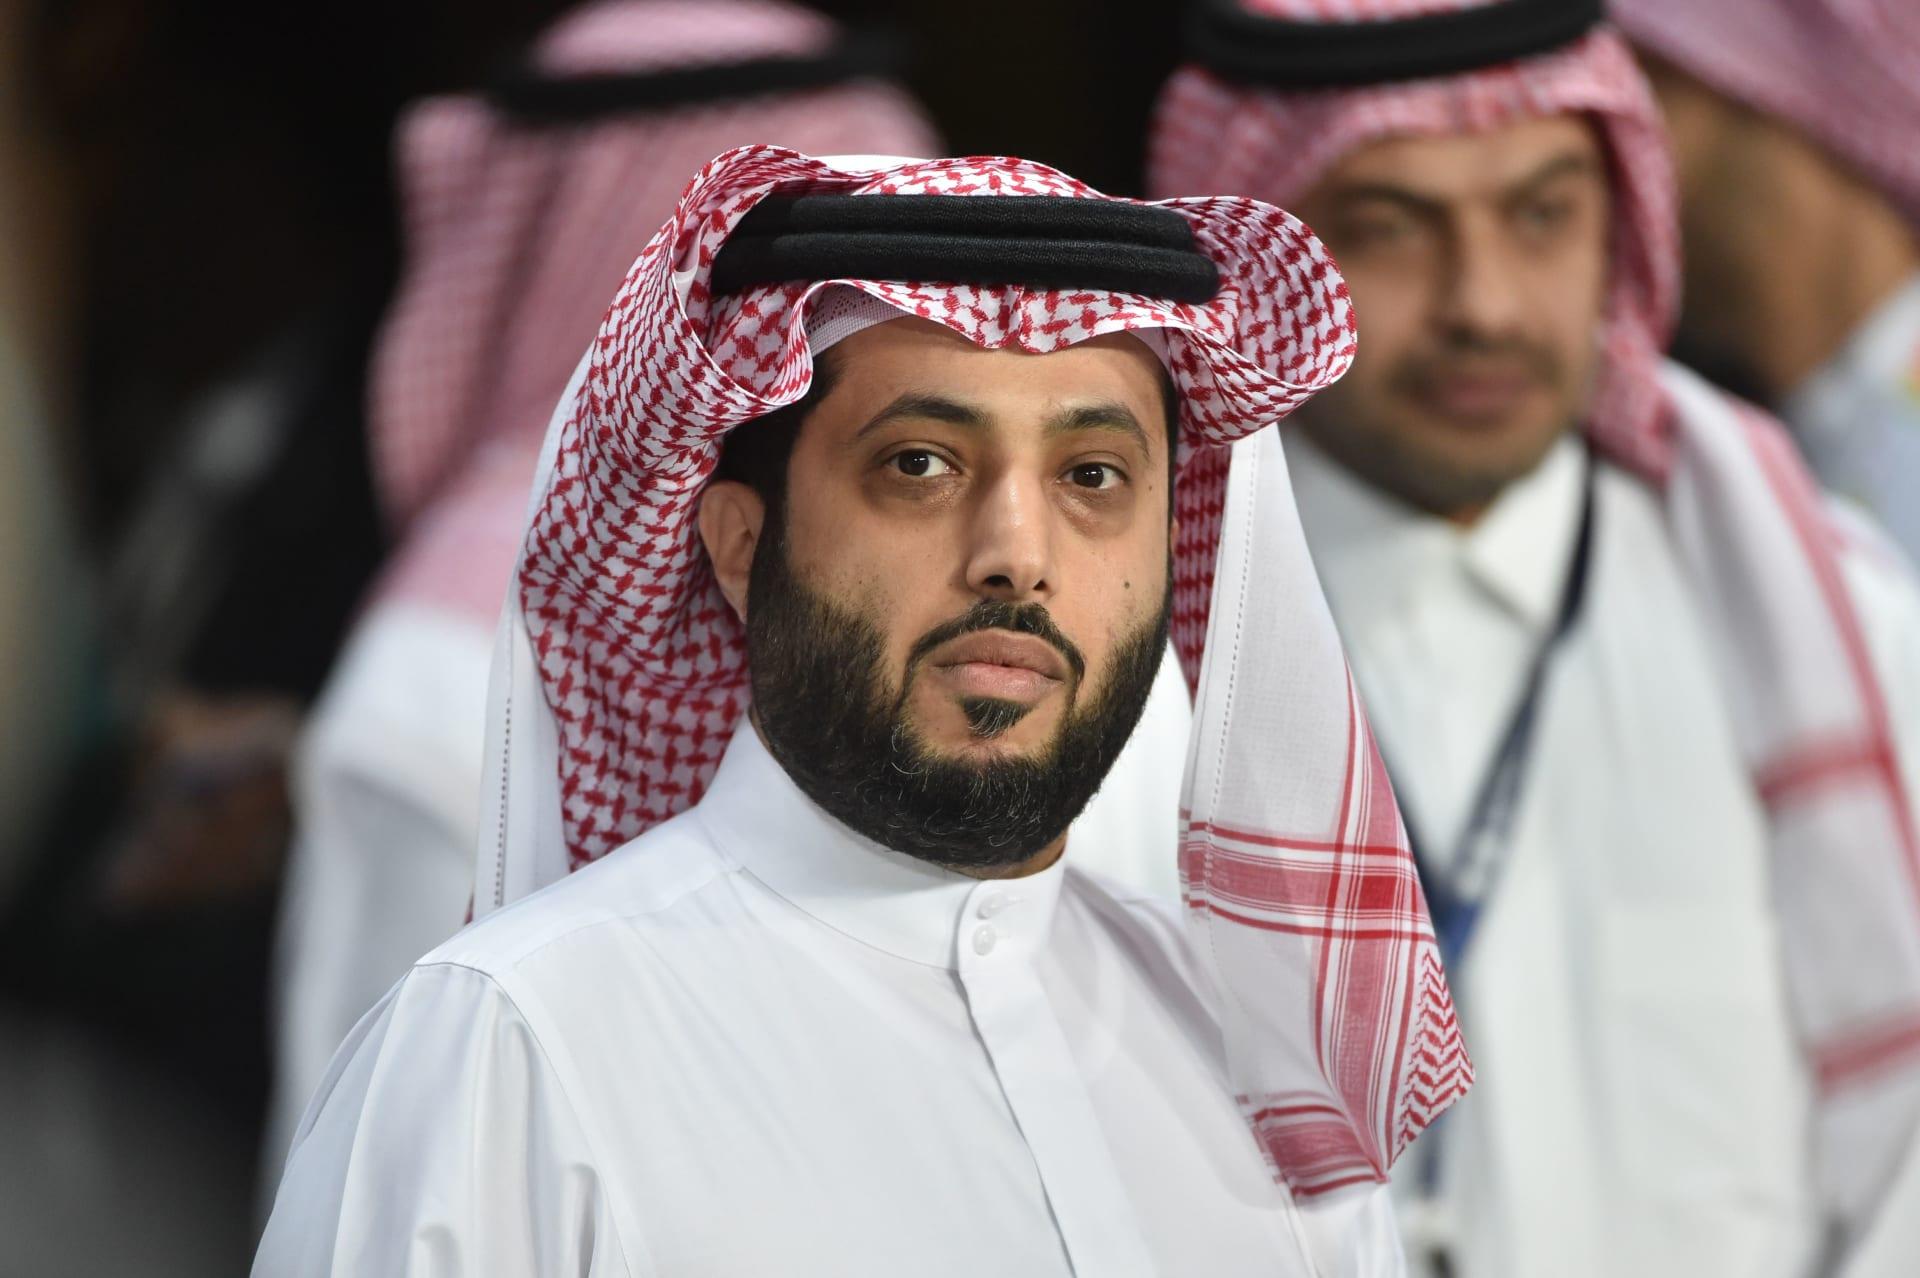 بعد أنباء عن تدهور صحته.. تداول صورة لتركي آل الشيخ من المستشفى